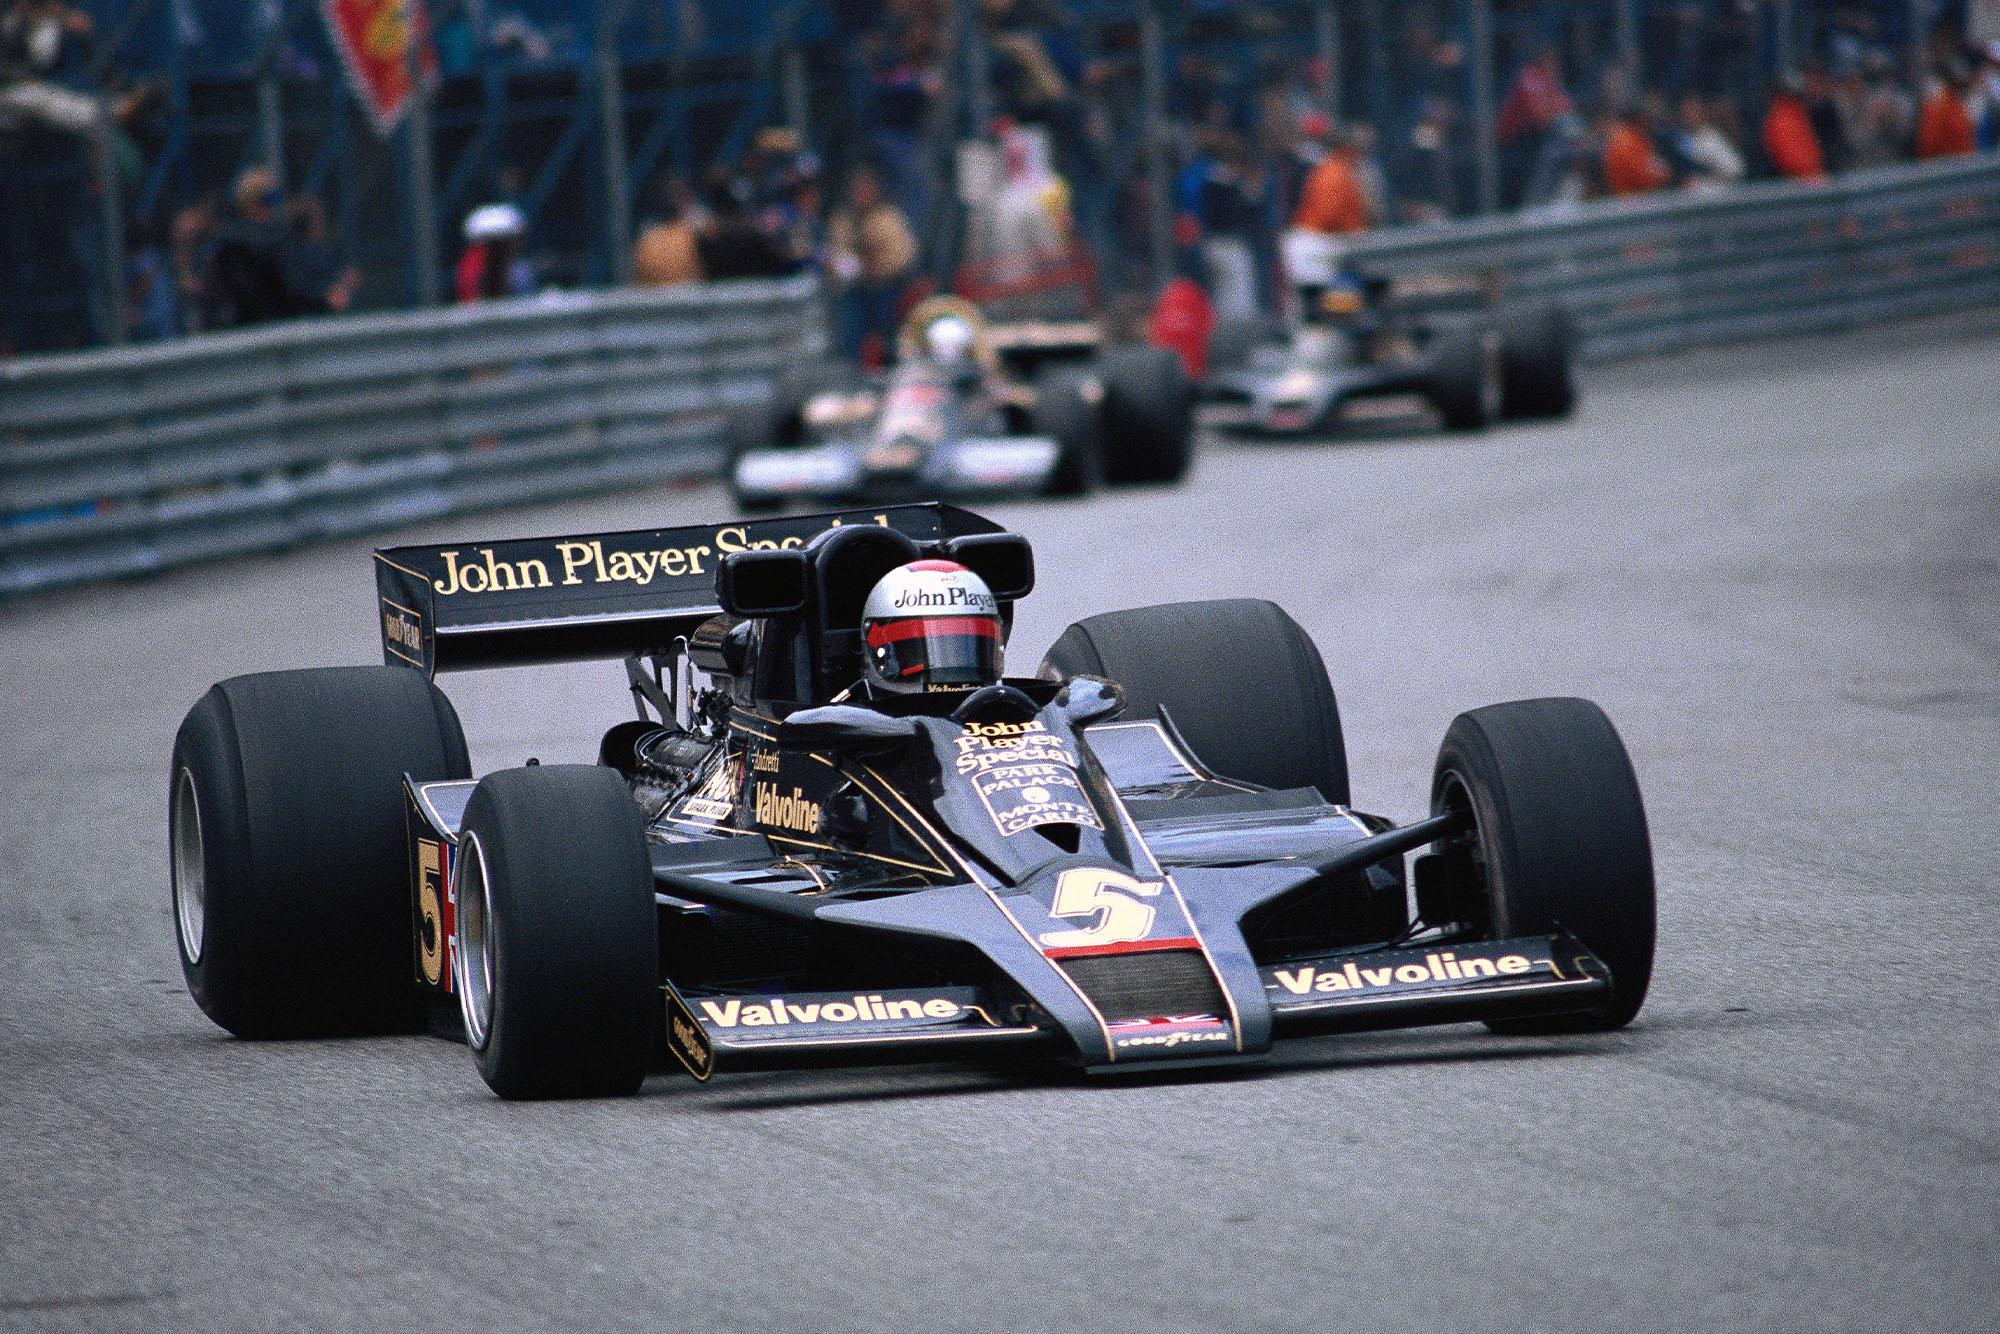 Mario Andretti (Lotus) competing at the 1978 Monaco Grand Prix.